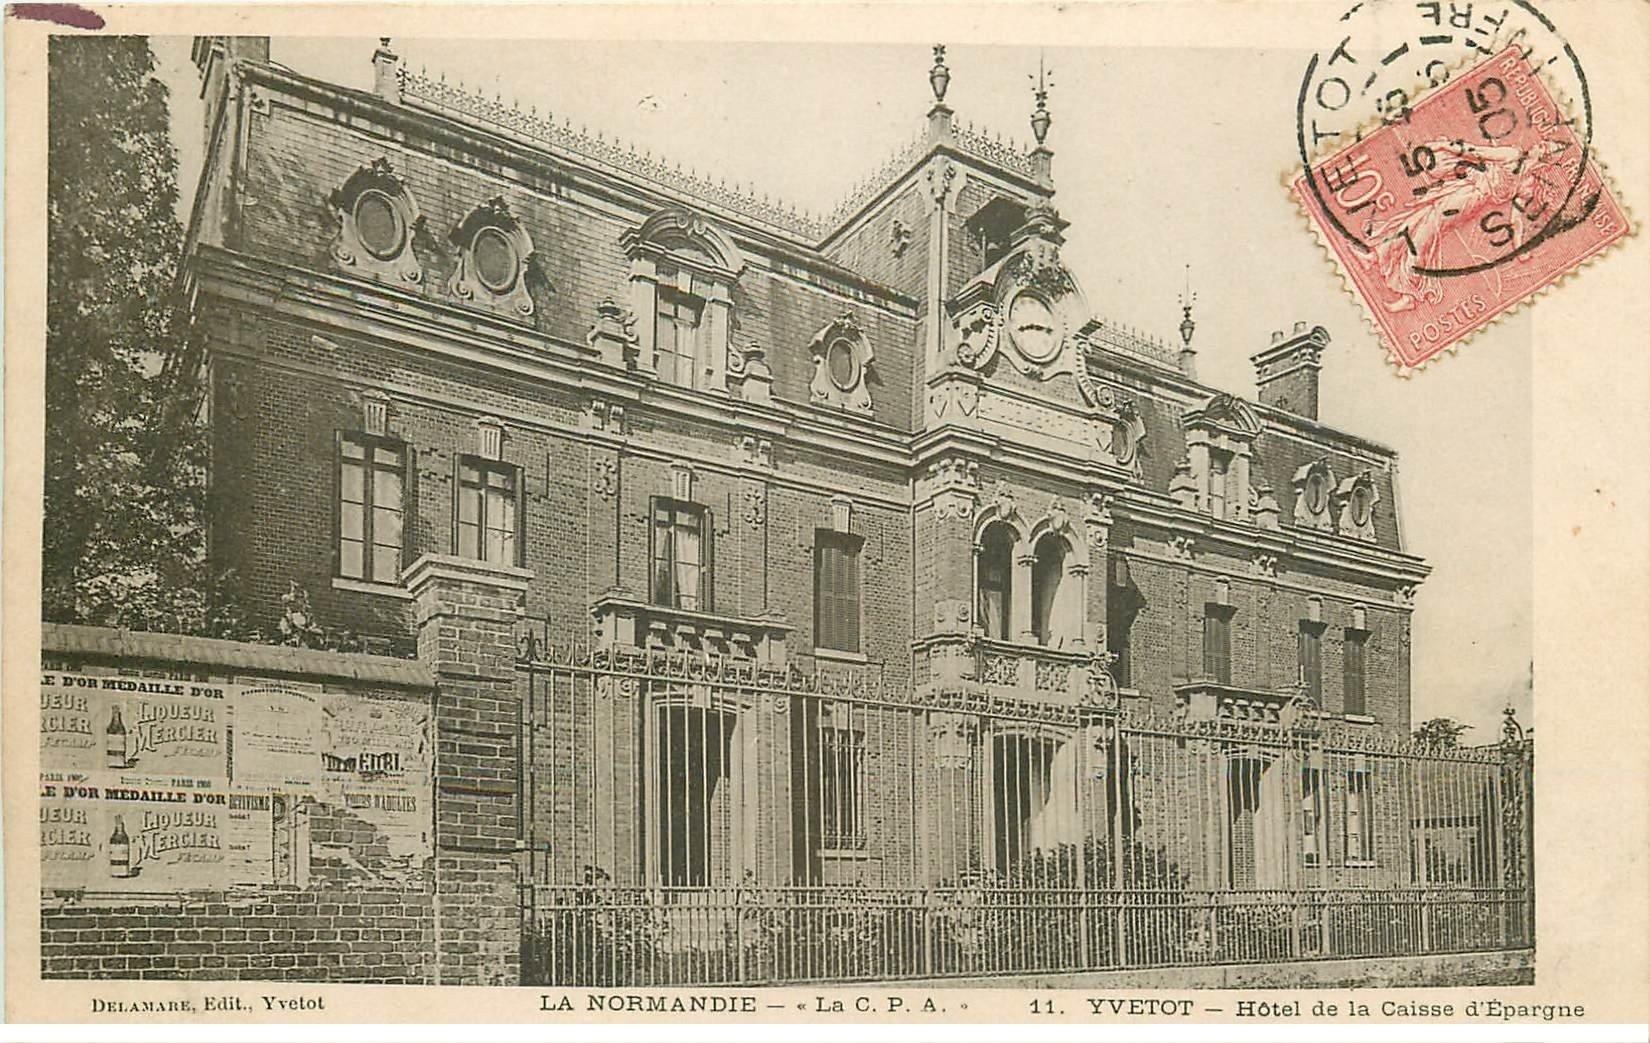 76 yvetot h tel caisse epargne 1905 for Hotels yvetot